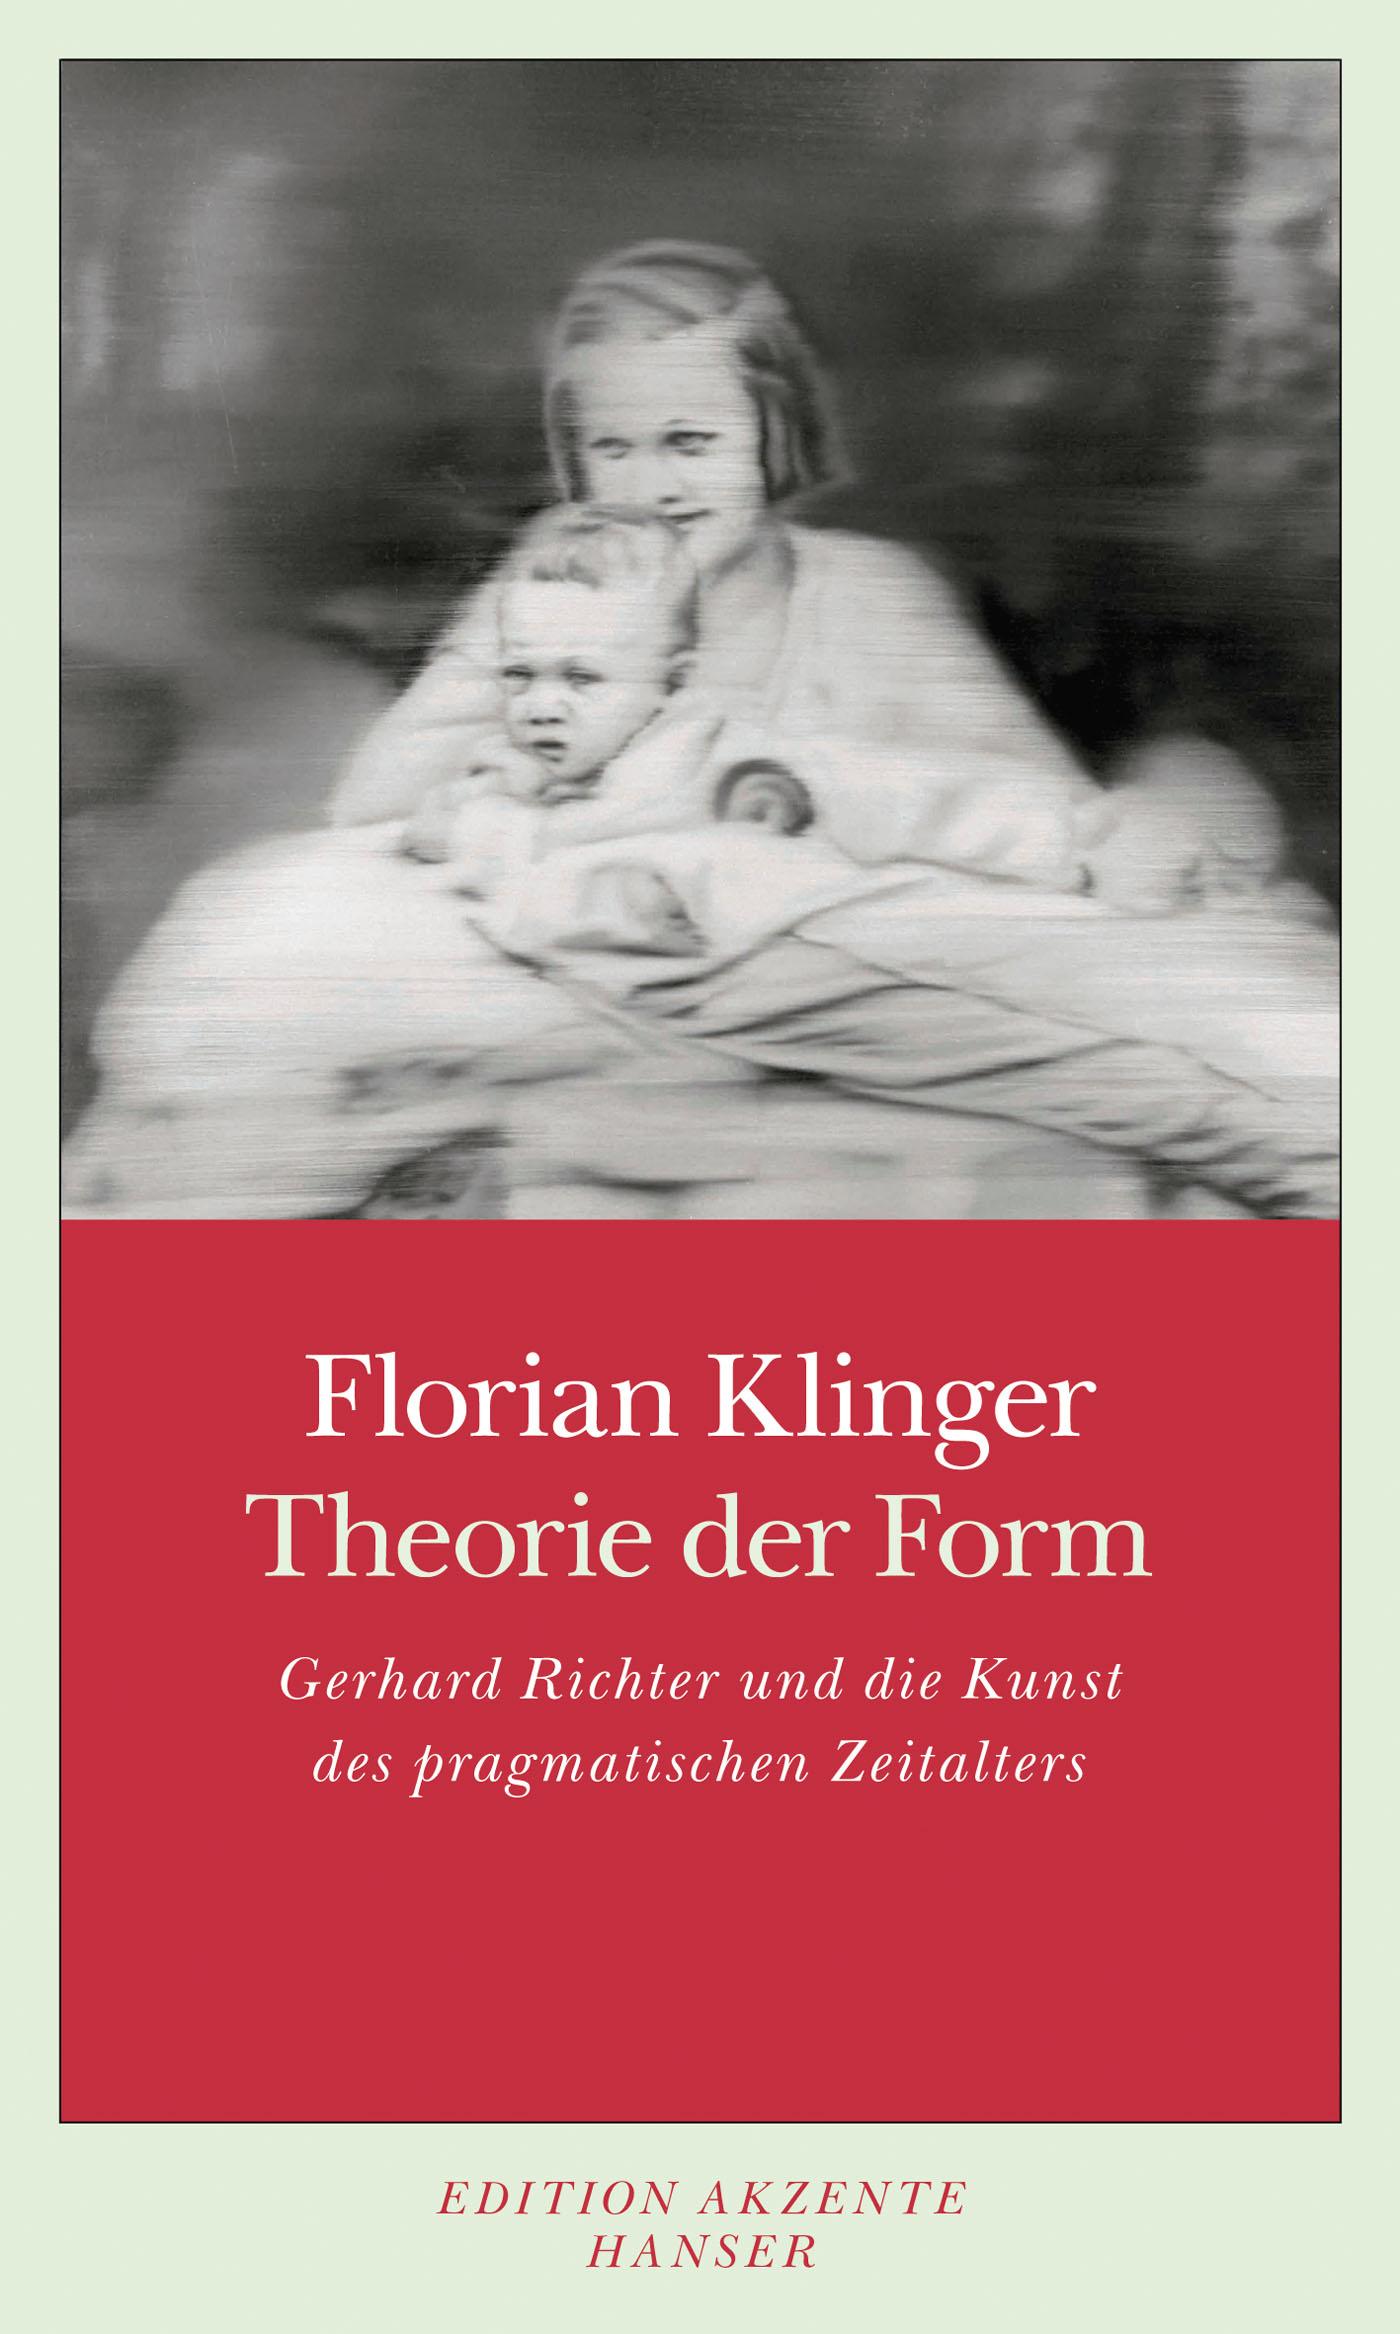 Theorie der Form, Florian Klinger